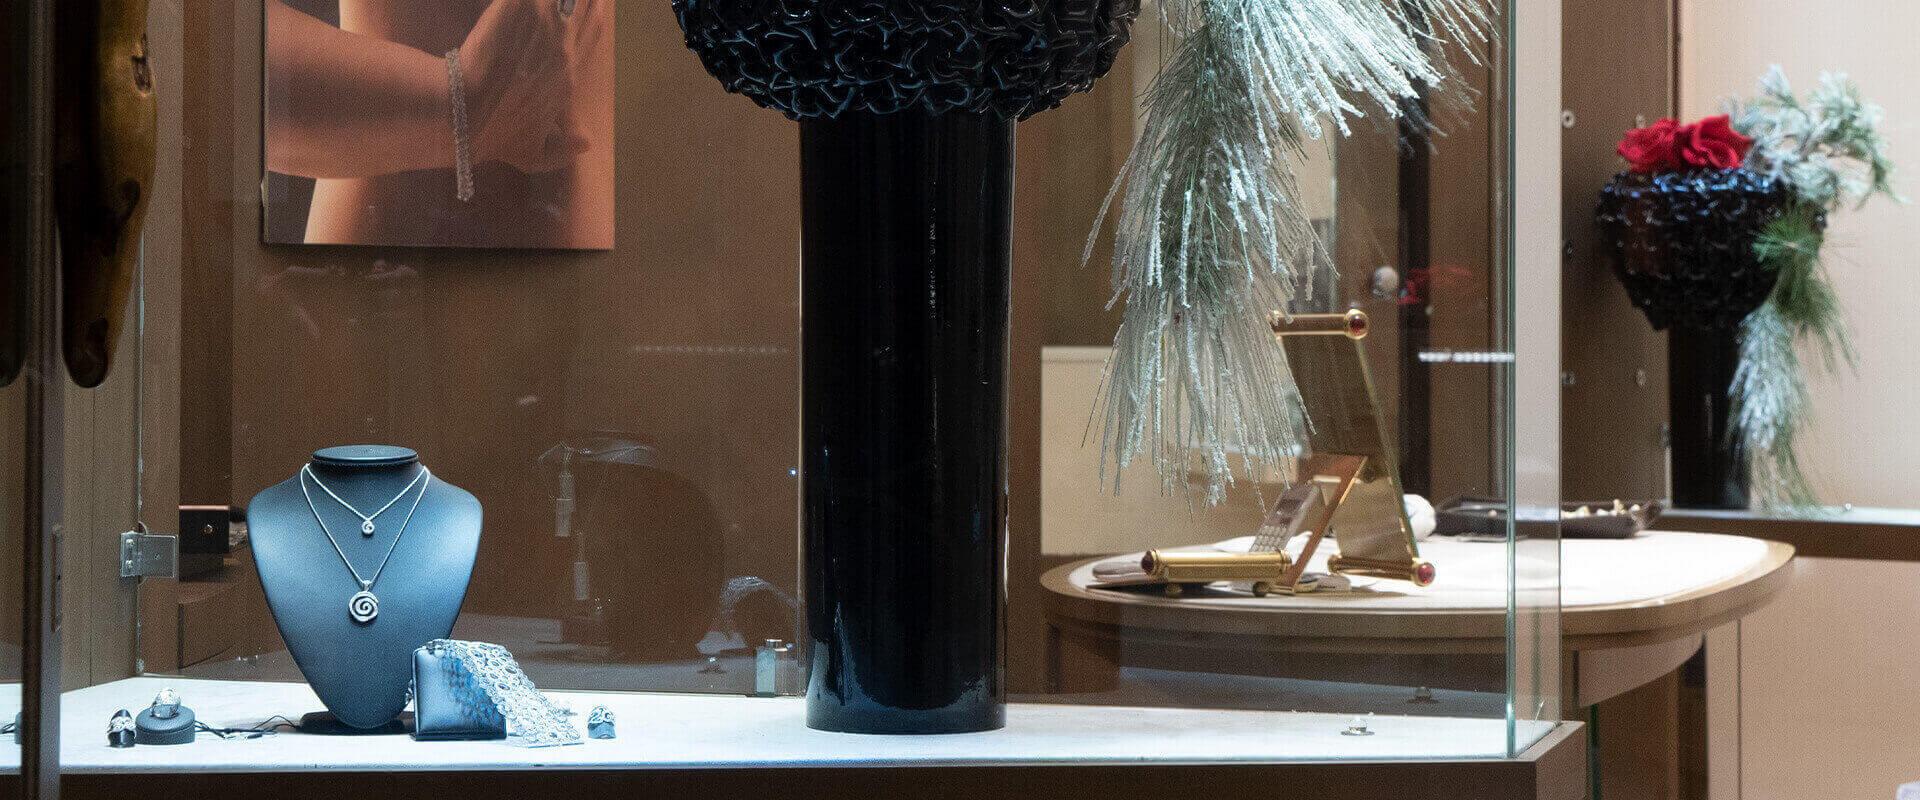 Daverio1933, Le vetrine di Natale Daverio1933